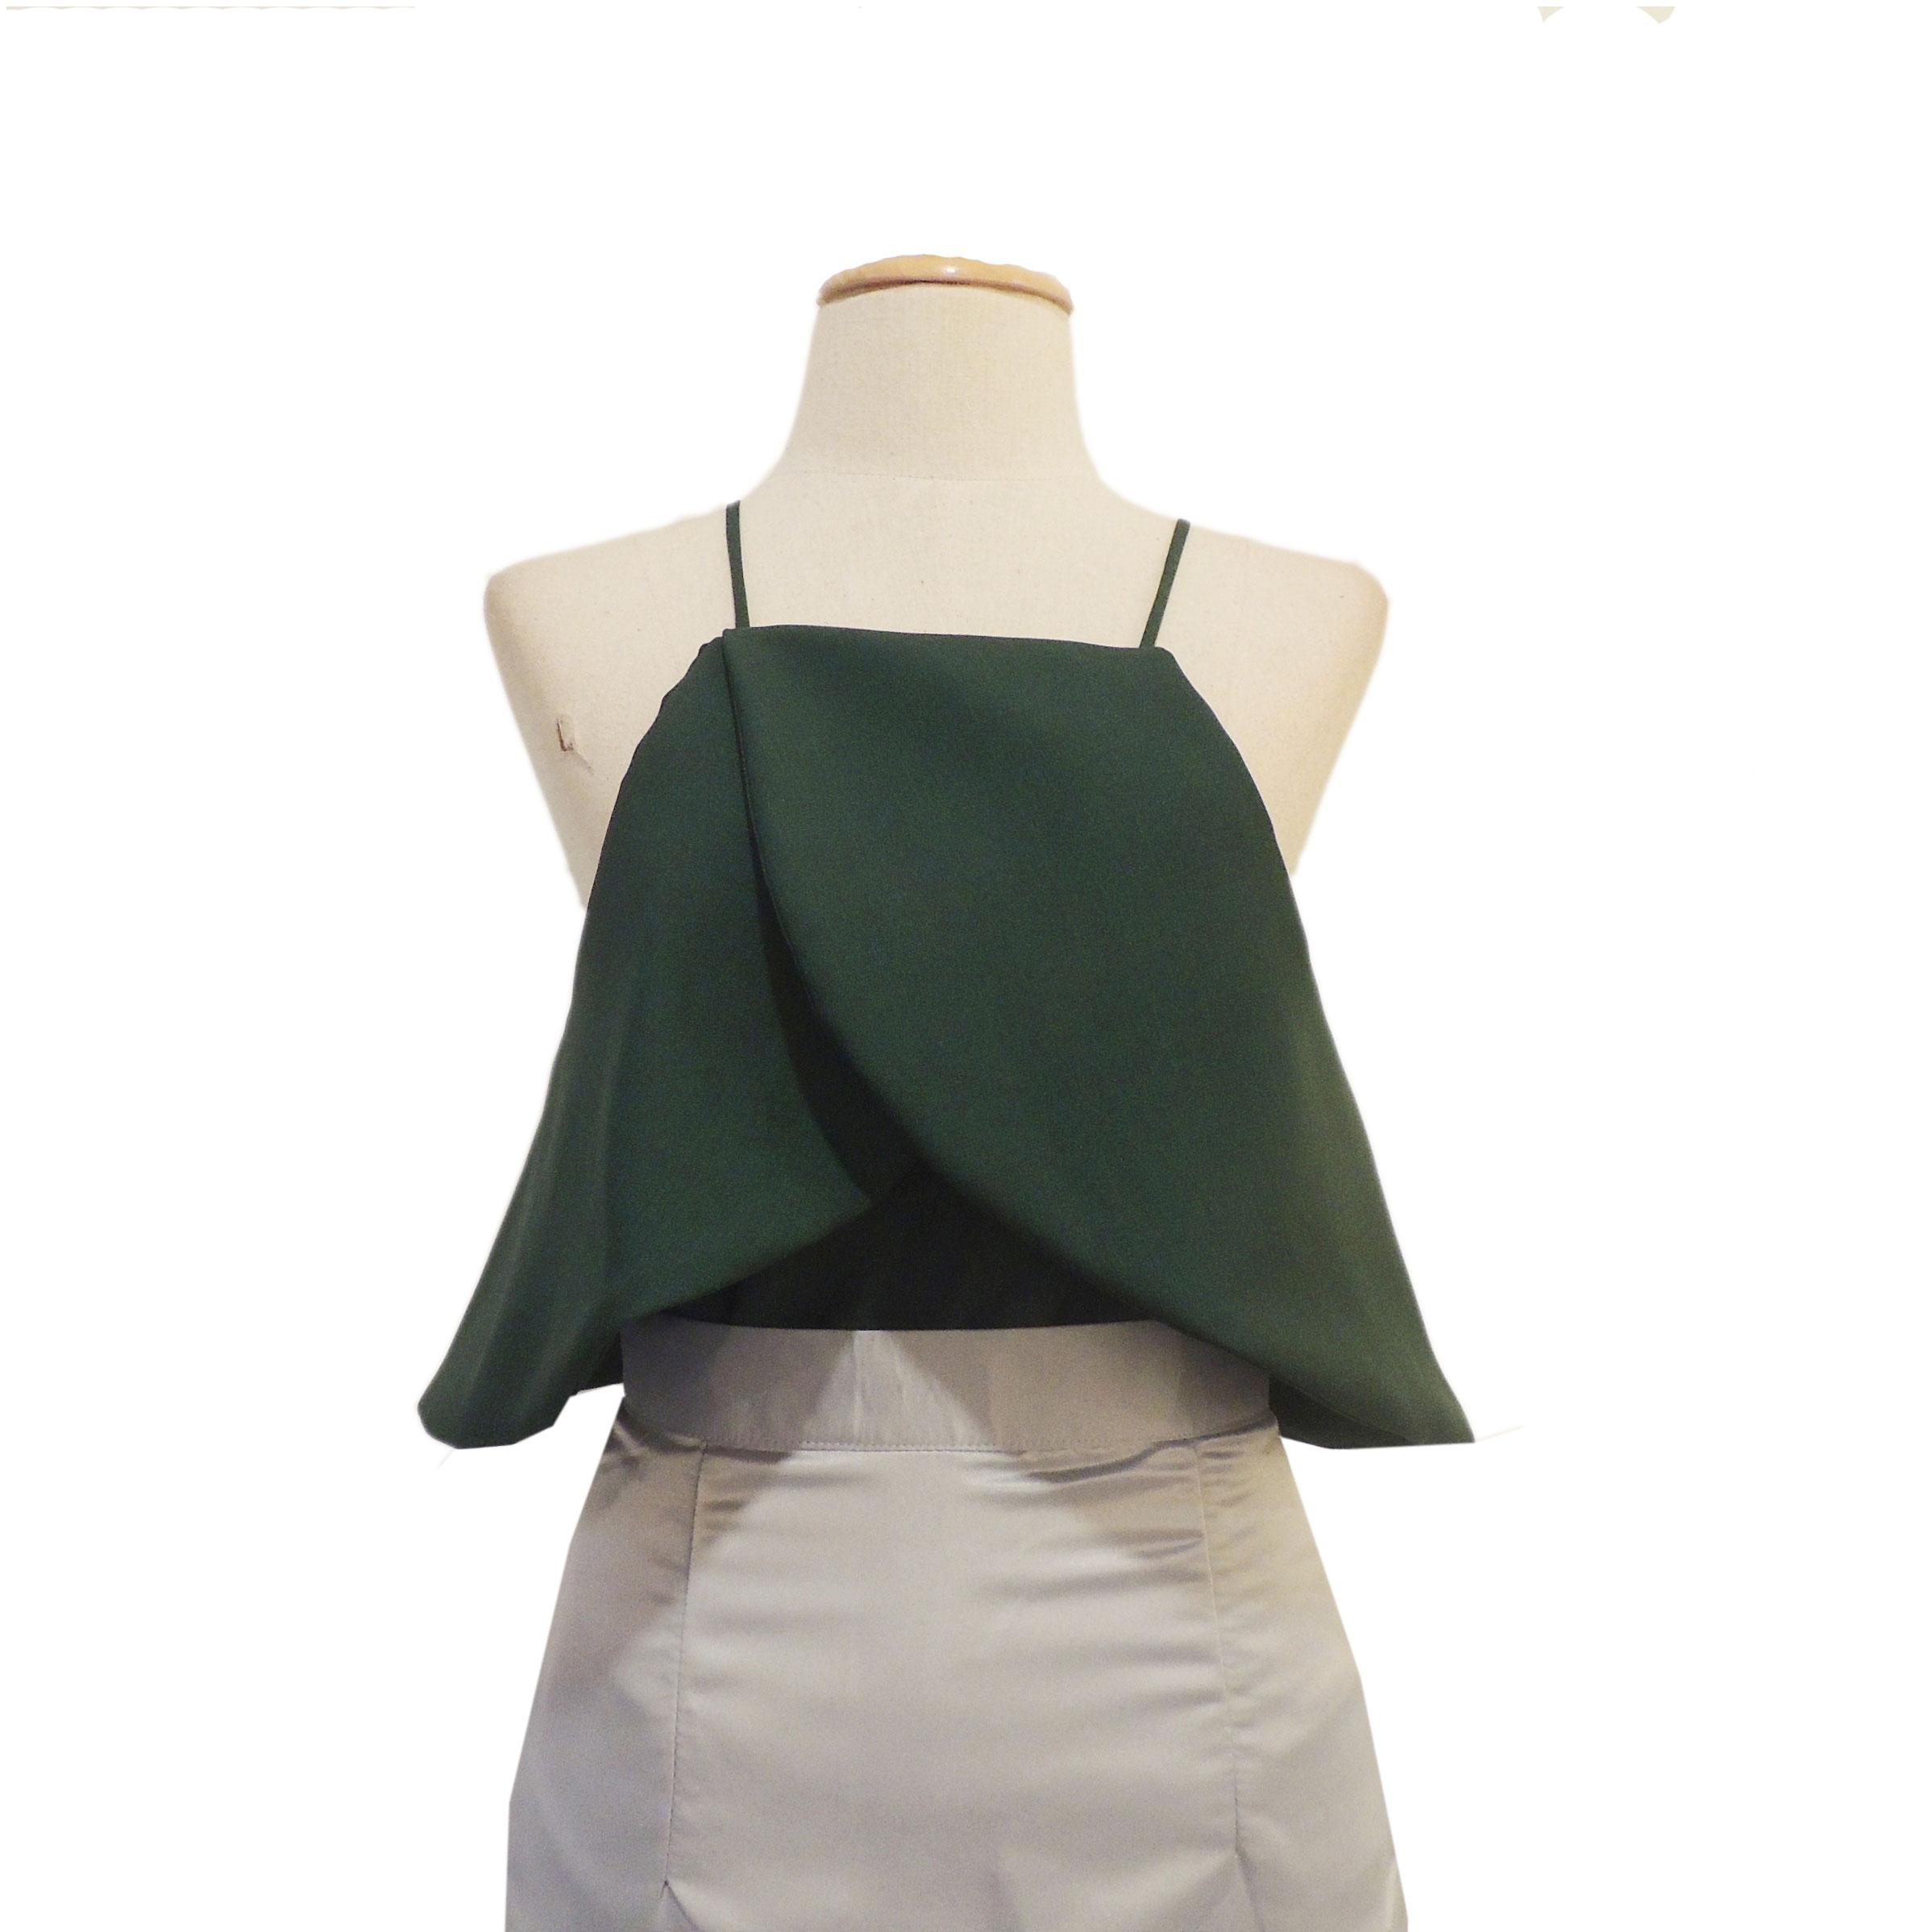 เสื้อออกงานสีเขียว เปิดไหล่ คล้องแขน